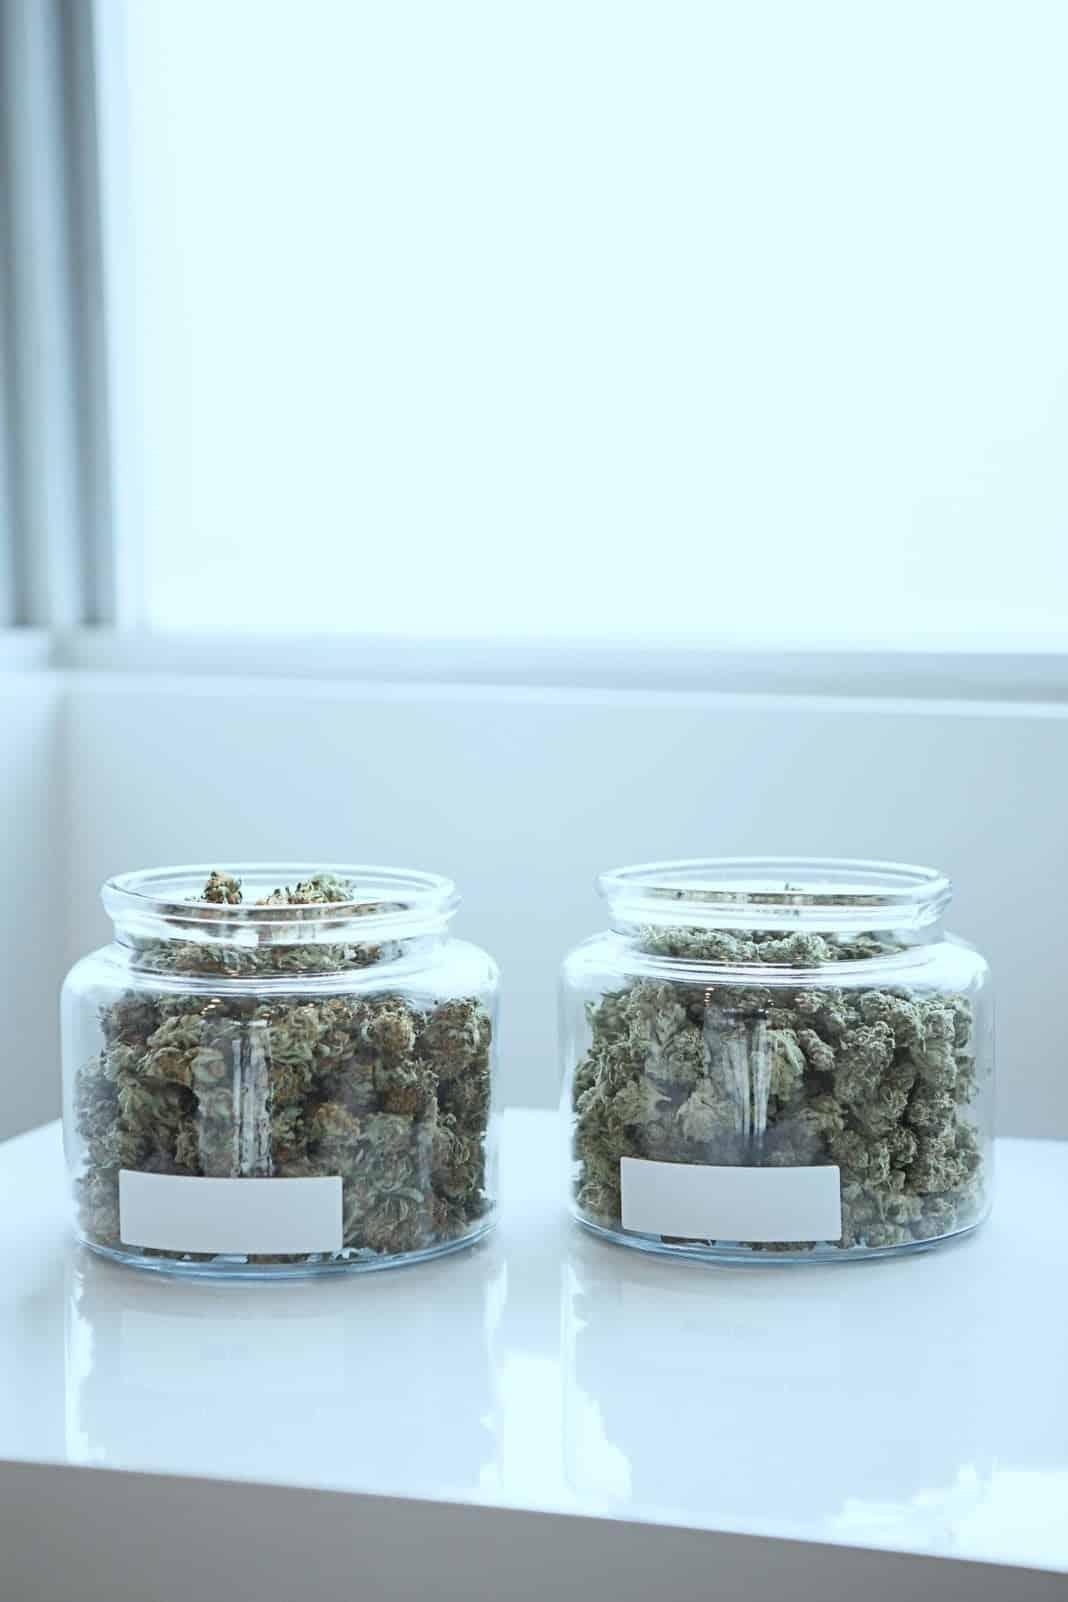 weed cannabis marijuana strain